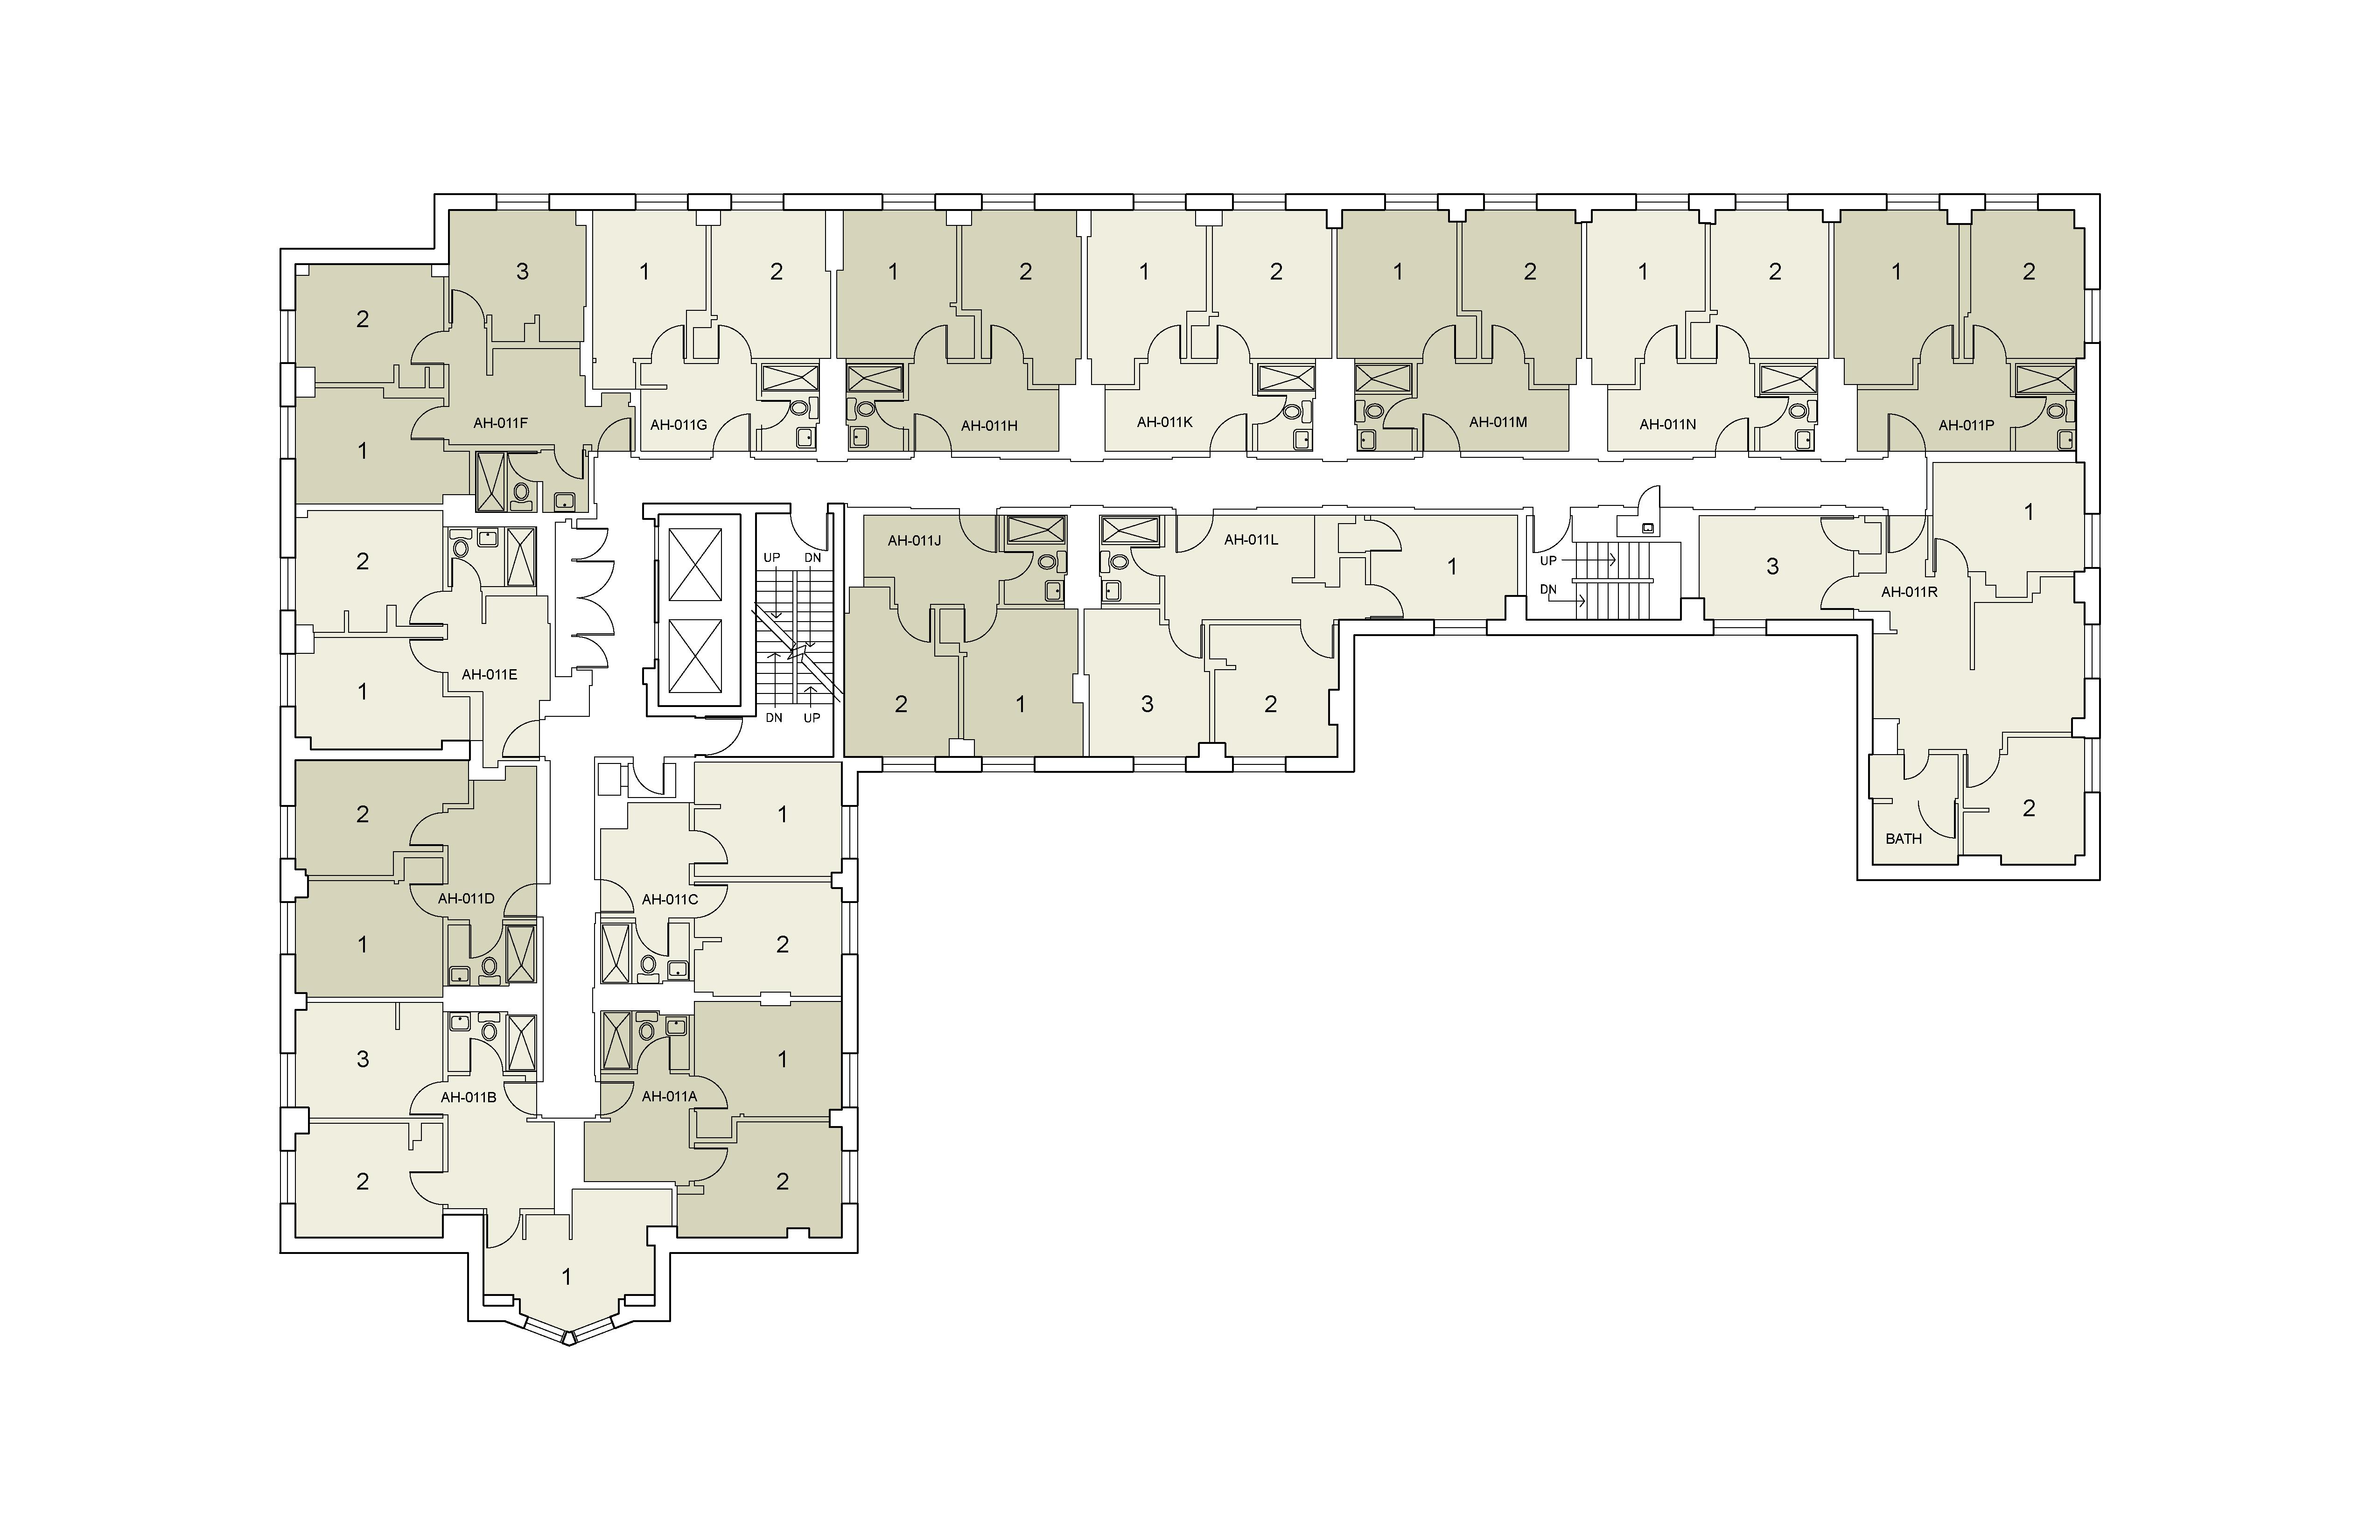 Floor plan for Alumni Floor 11